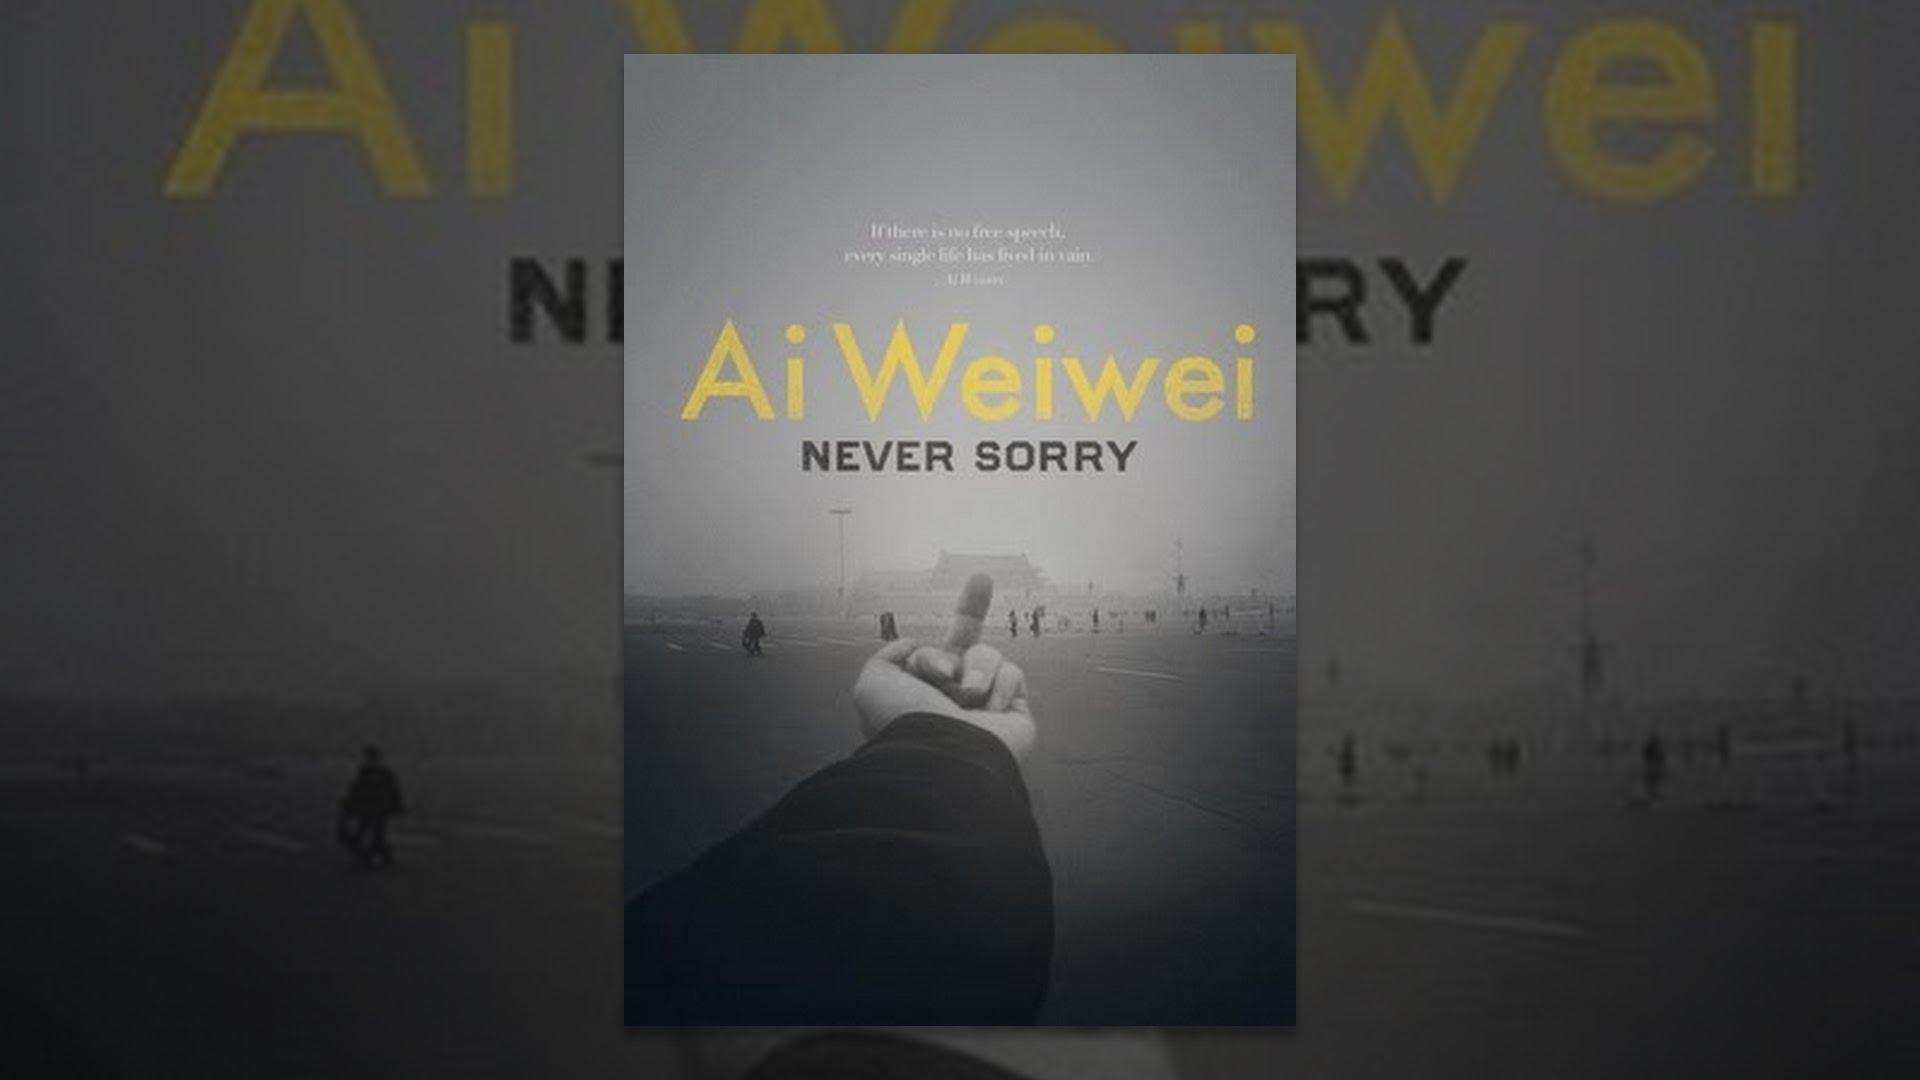 Ai Weiwei Never Sorry Youtube